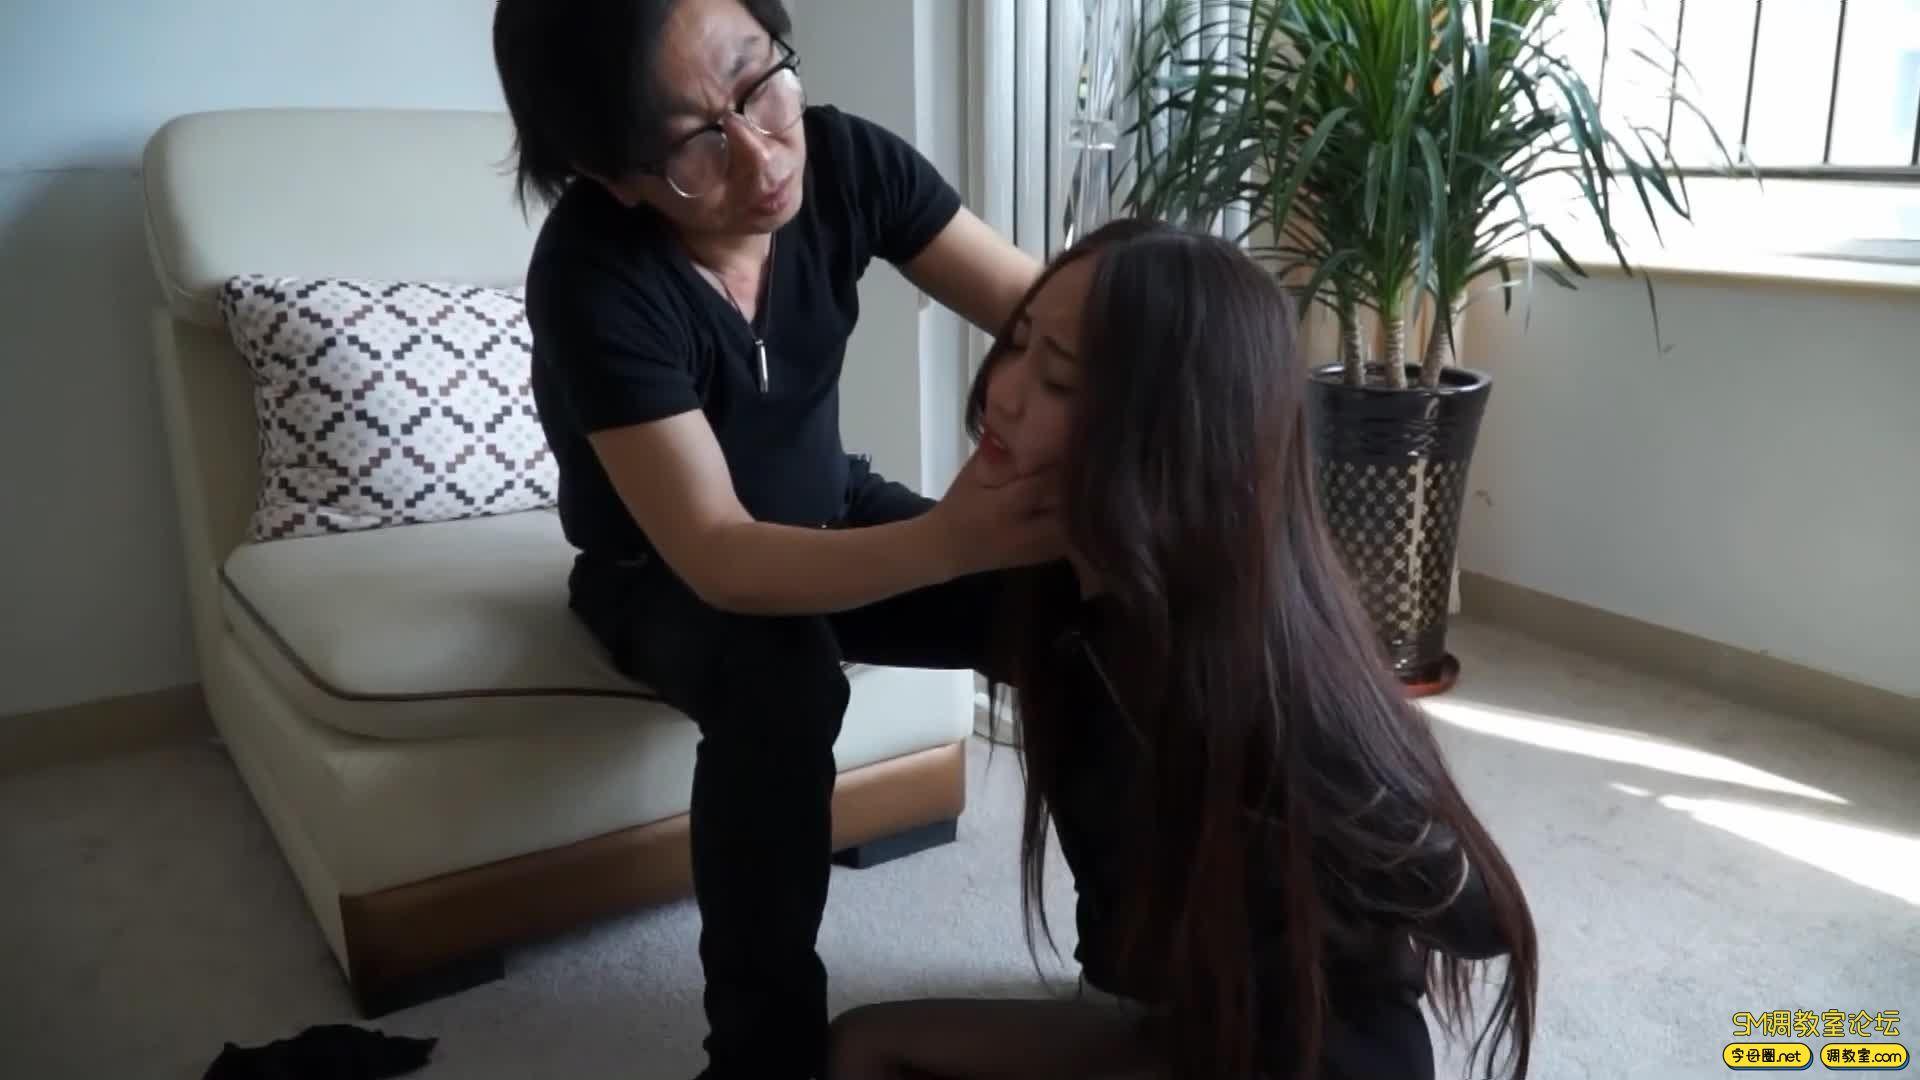 逍遥定制_女间谍的沦落 完整版  邢嘉妮主演-上-视频截图2